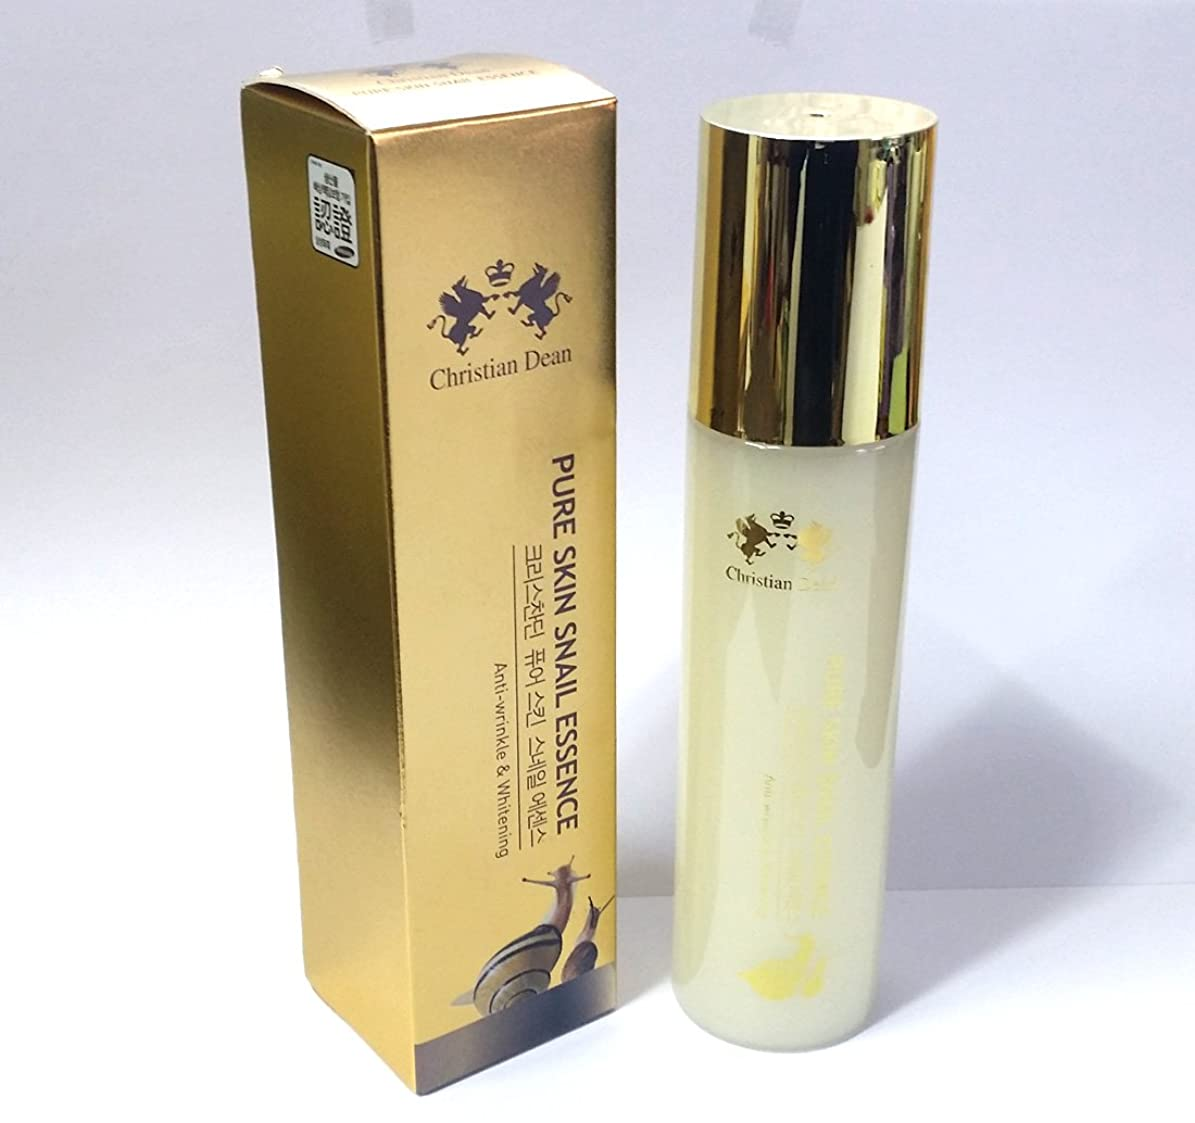 ベッド資格頻繁に[Christian Dean] ピュアスキンスネイルエッセンス150ml/ホワイトニング、カタツムリムチン/Pure Skin Snail Essence 150ml/Whitening, Snail mucin/韓国化粧品/Korean cosmetics [並行輸入品]